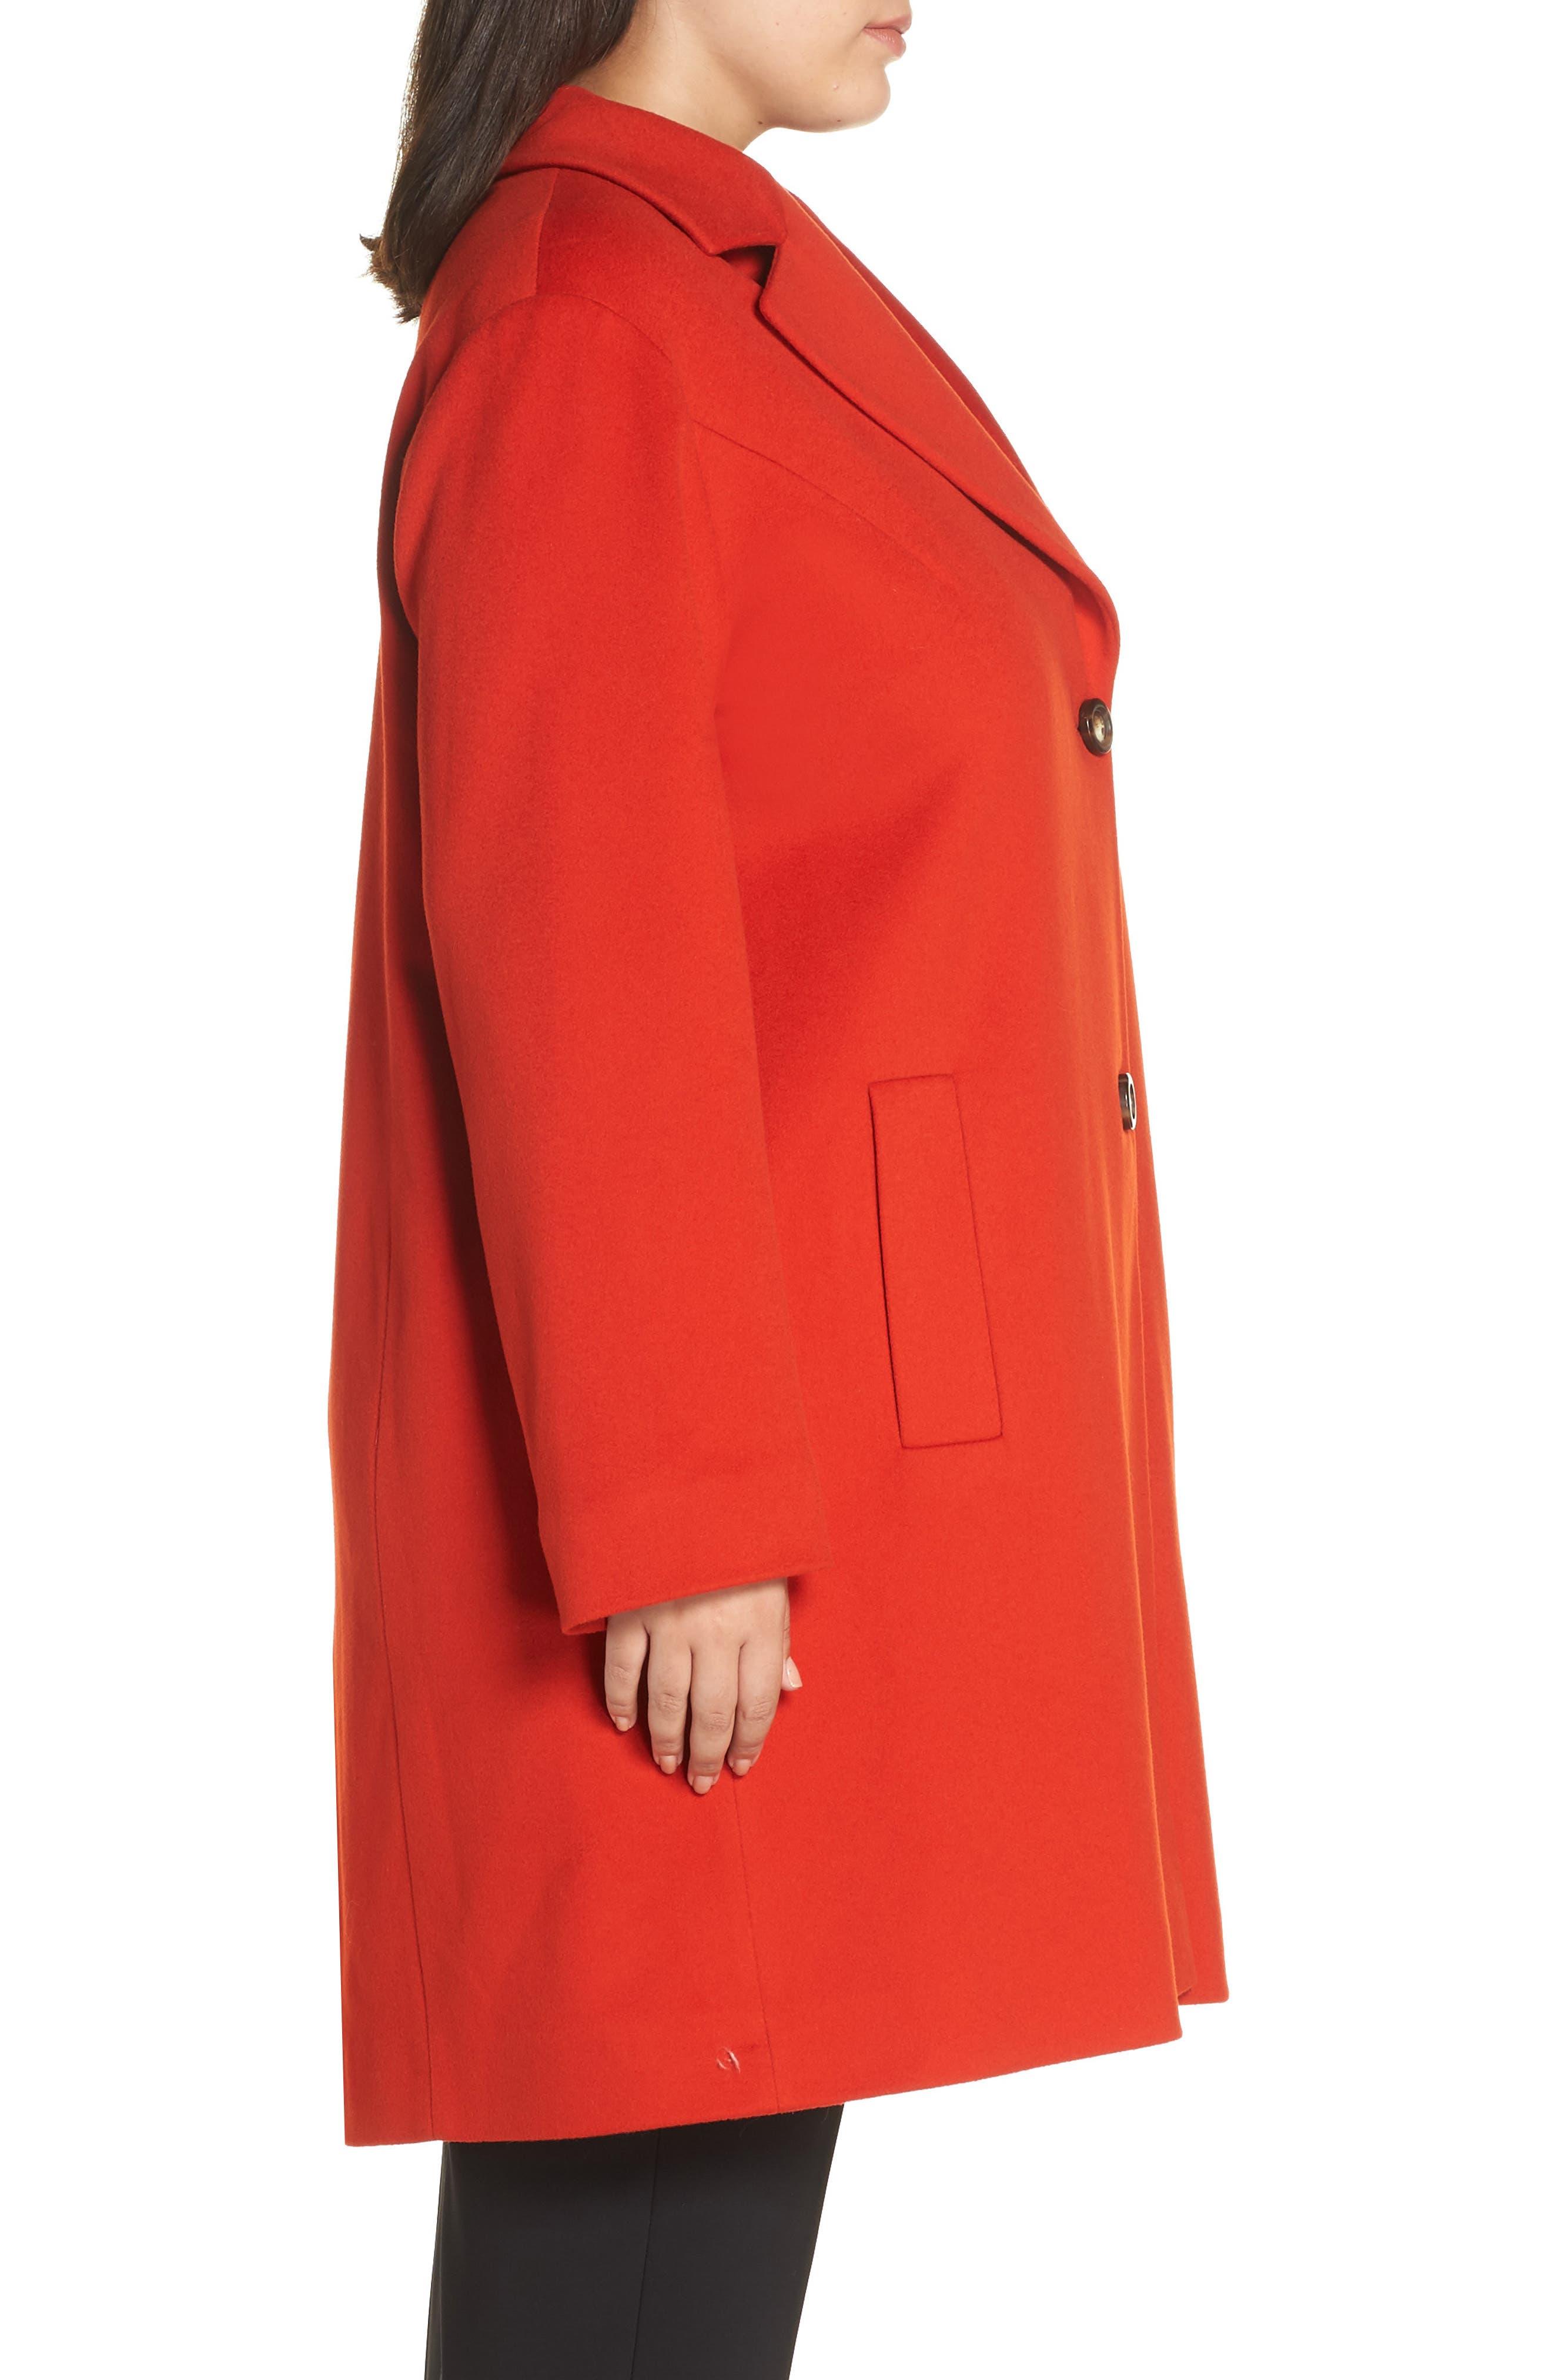 FLEURETTE,                             Loro Piana Wool Long Coat,                             Alternate thumbnail 4, color,                             SAFFRON